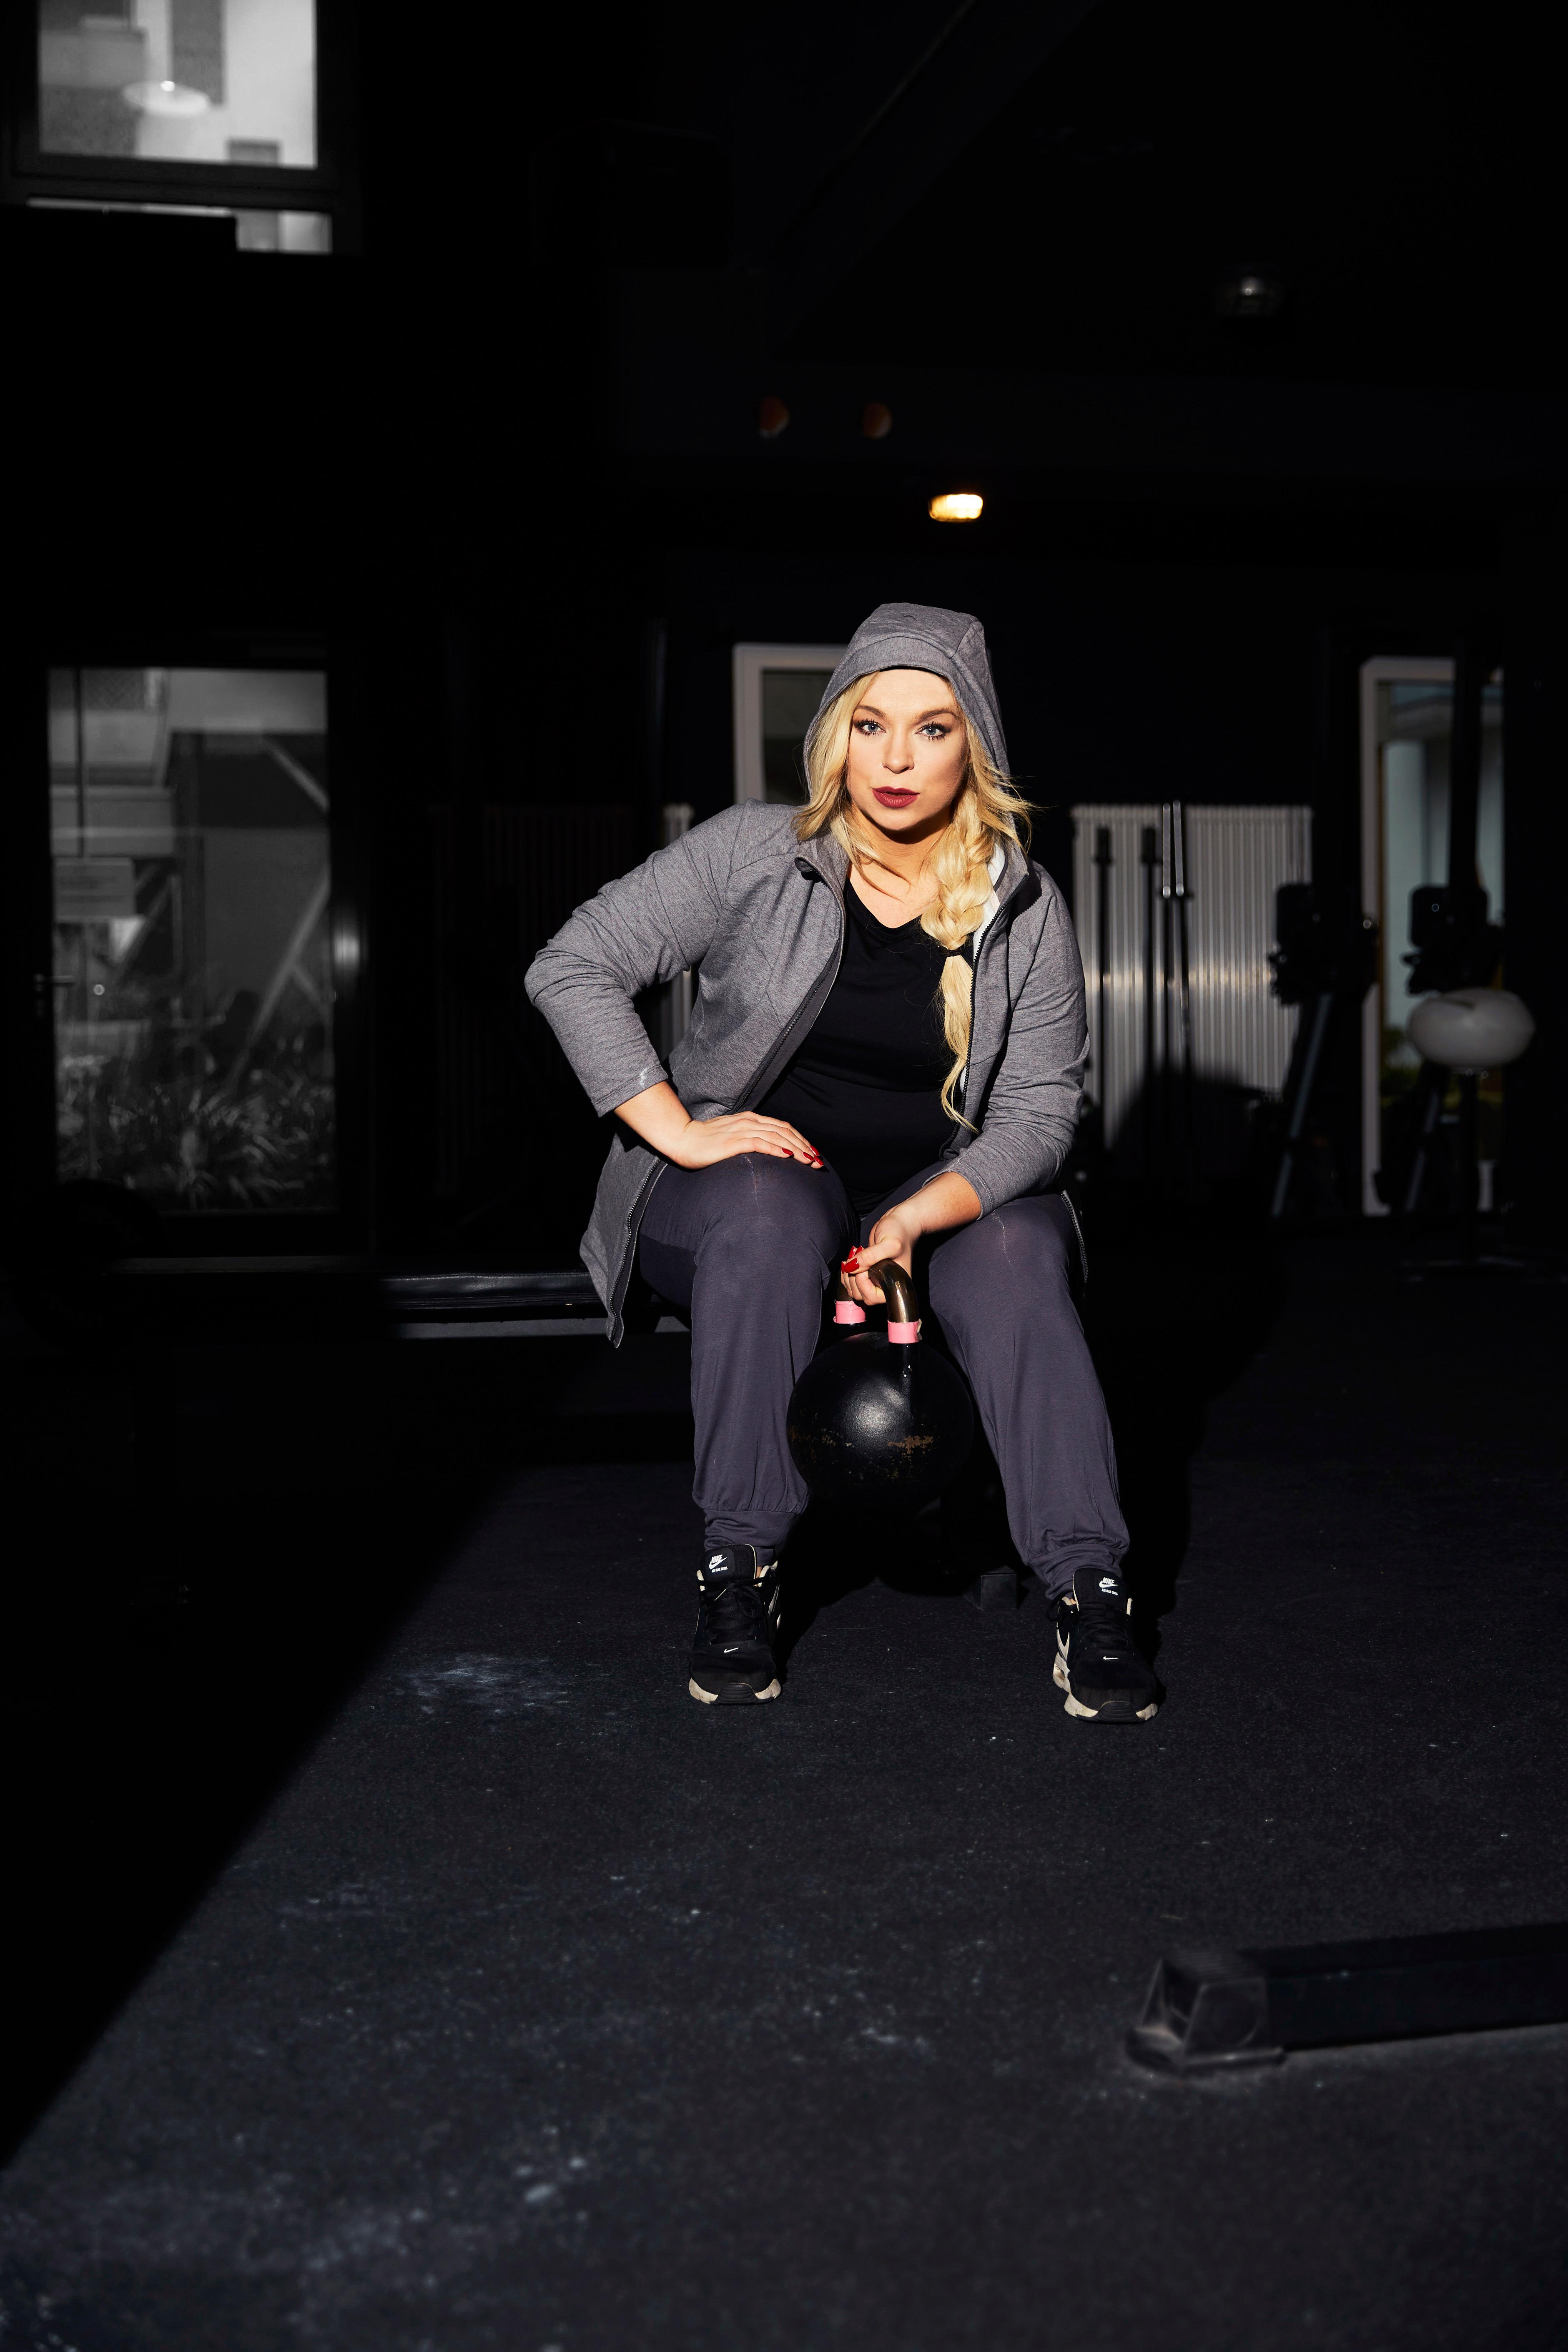 Caterina-Sport-curvy-plussize-sport